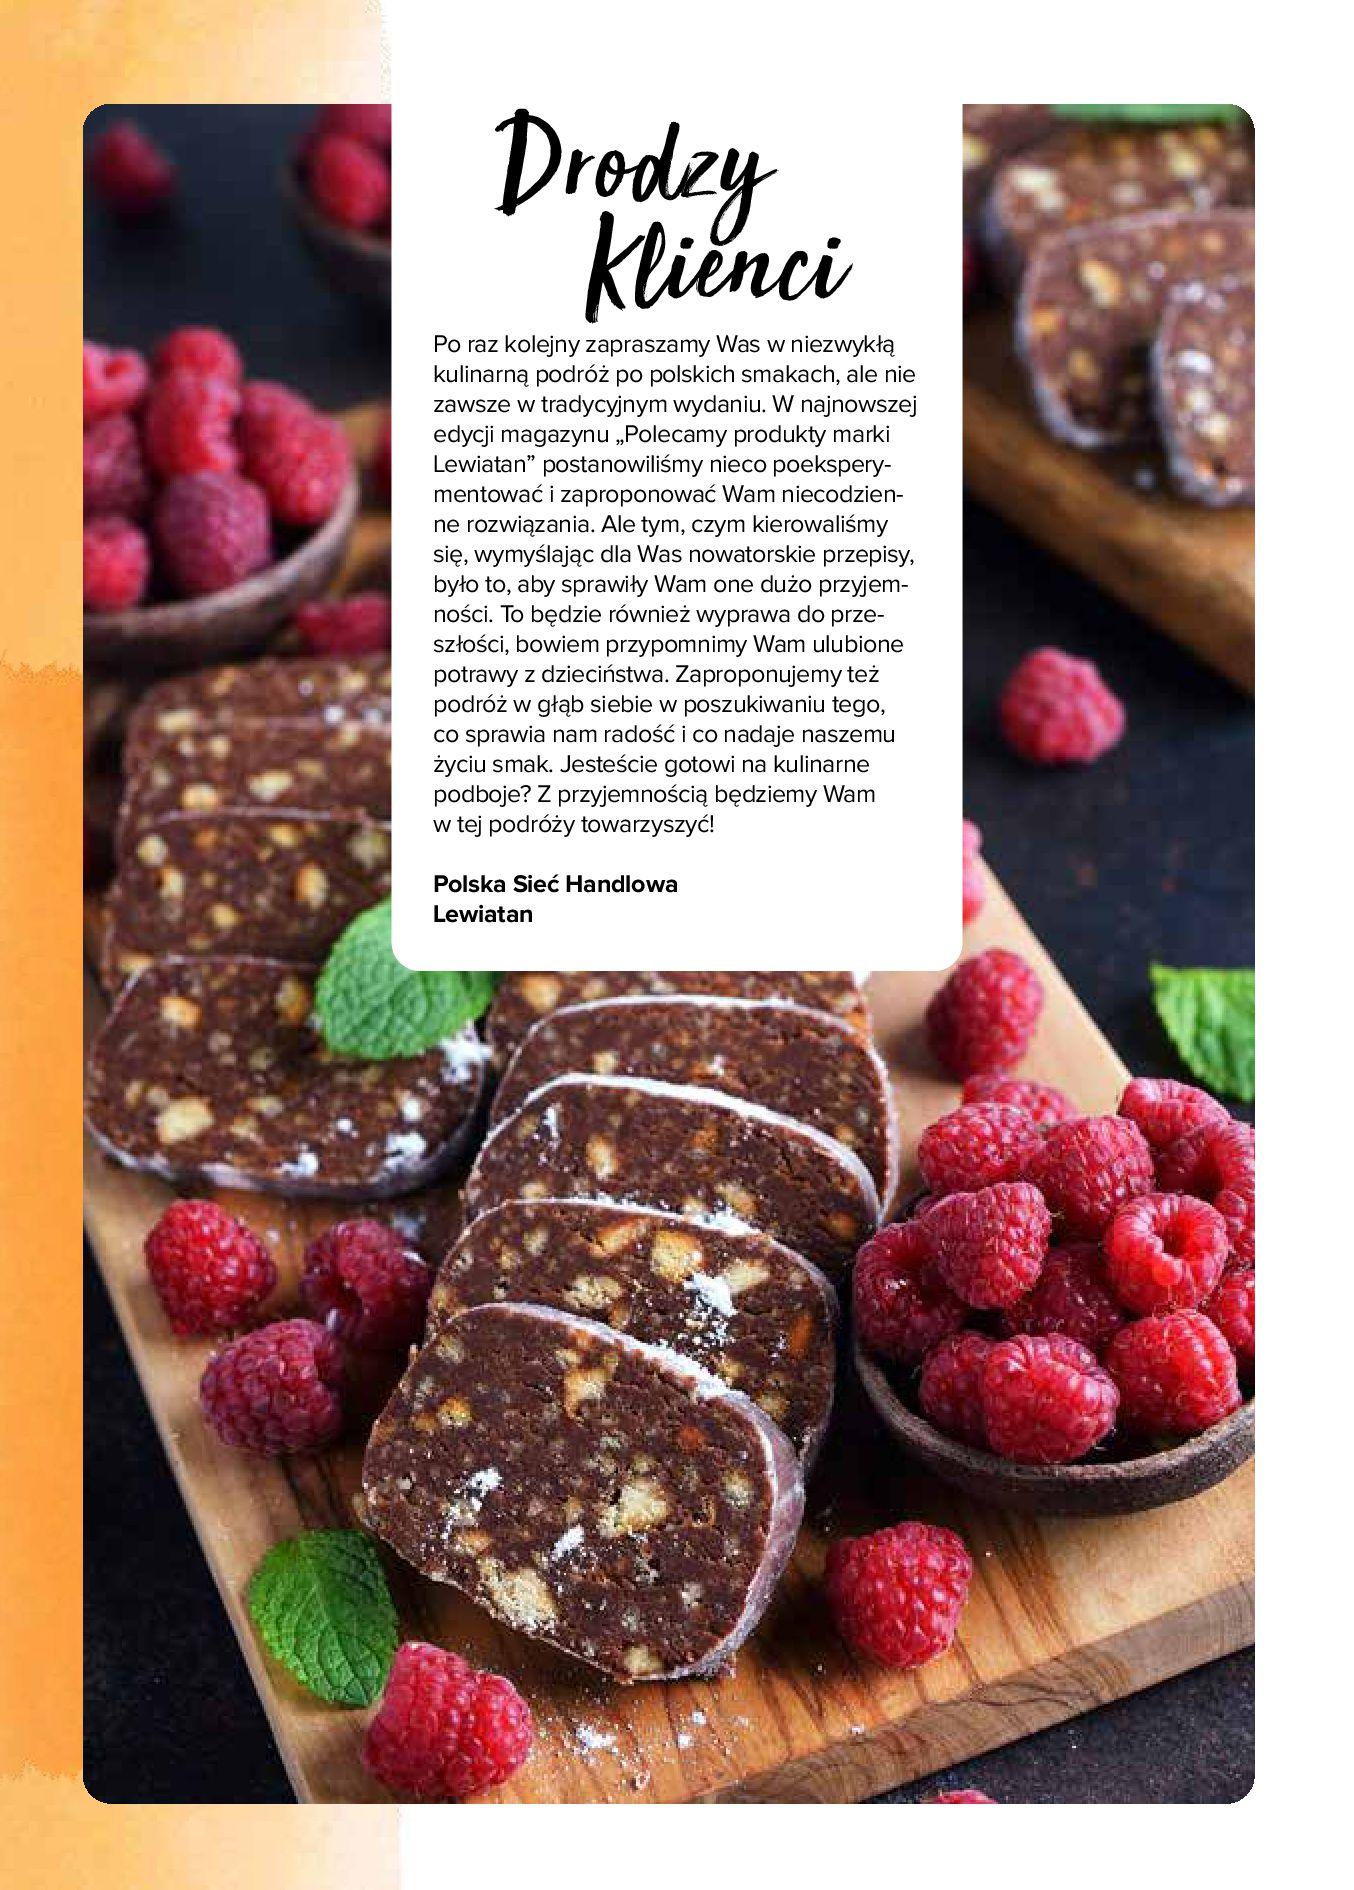 Gazetka Lewiatan: Produkty marki Lewiatan 2020-12-31 page-2